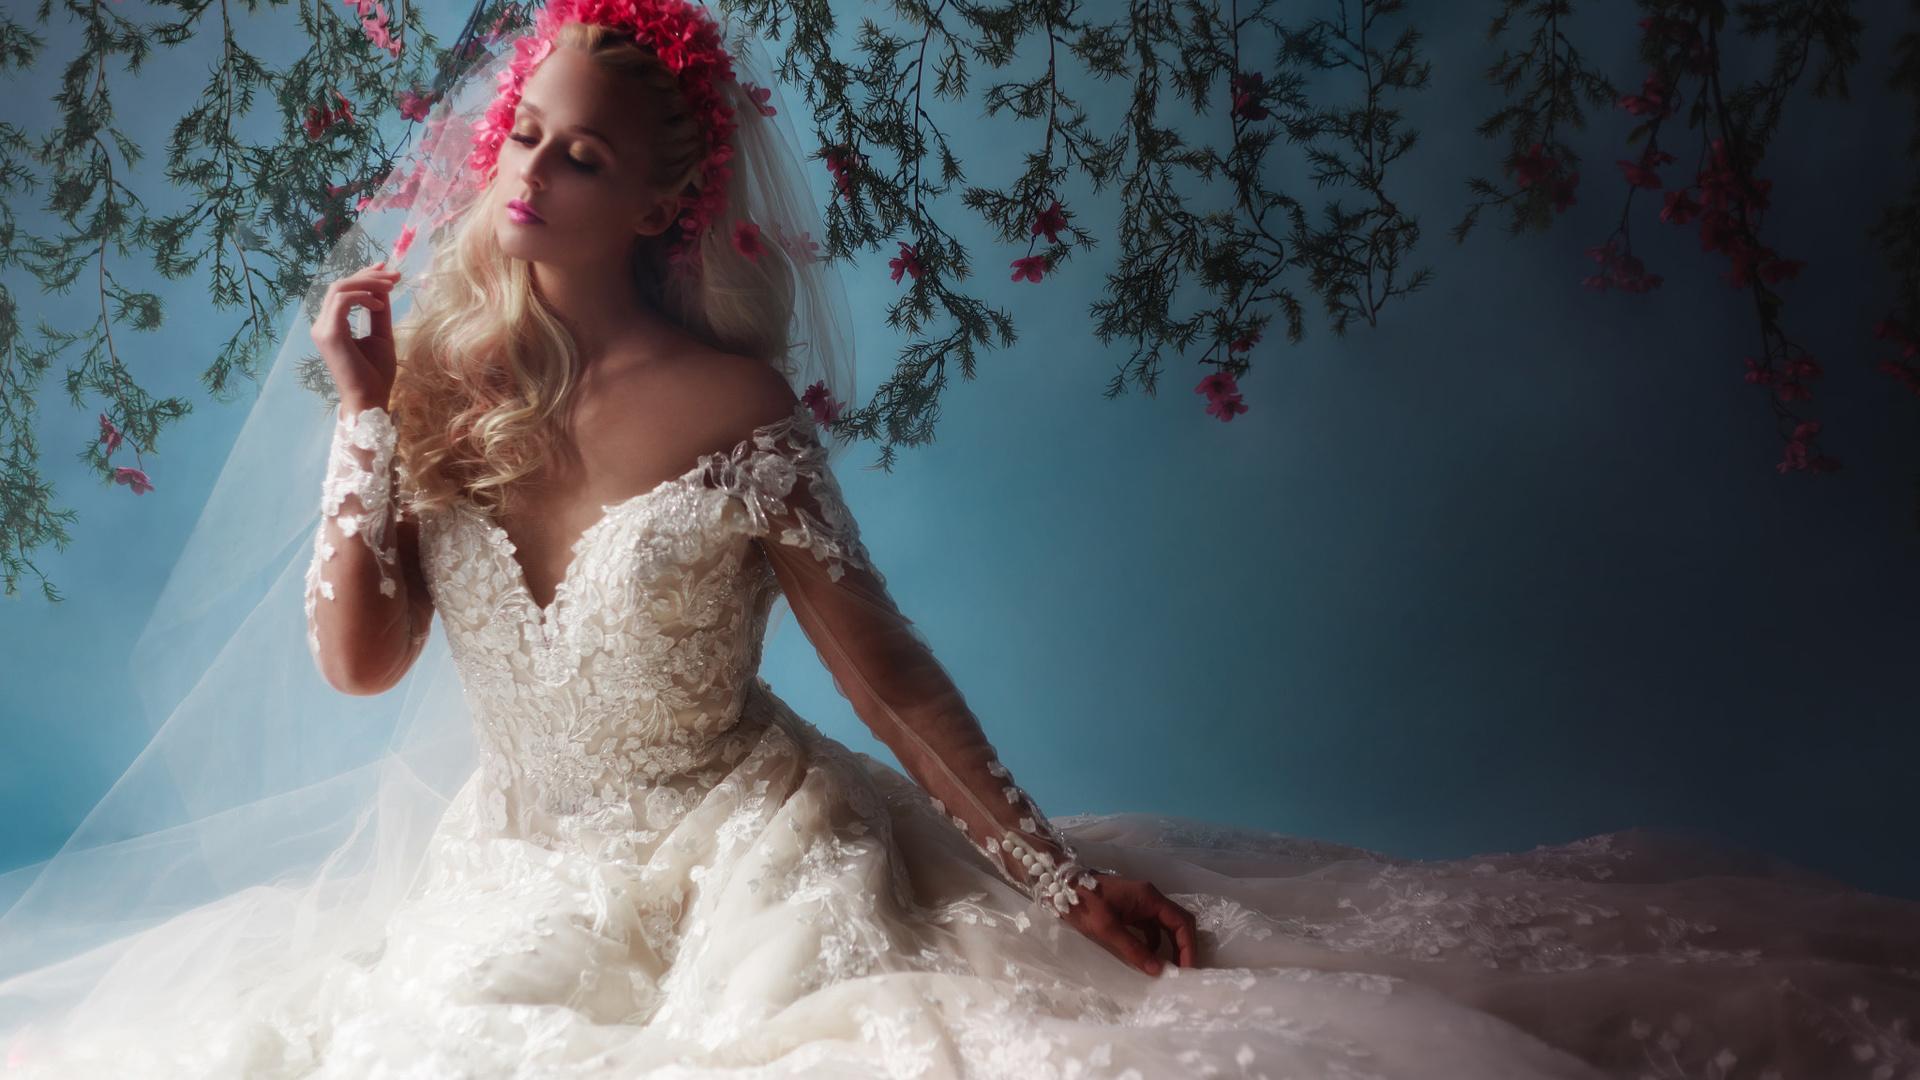 легкостью подставляют фотосессия в свадебных нарядах выглядят смотрятся